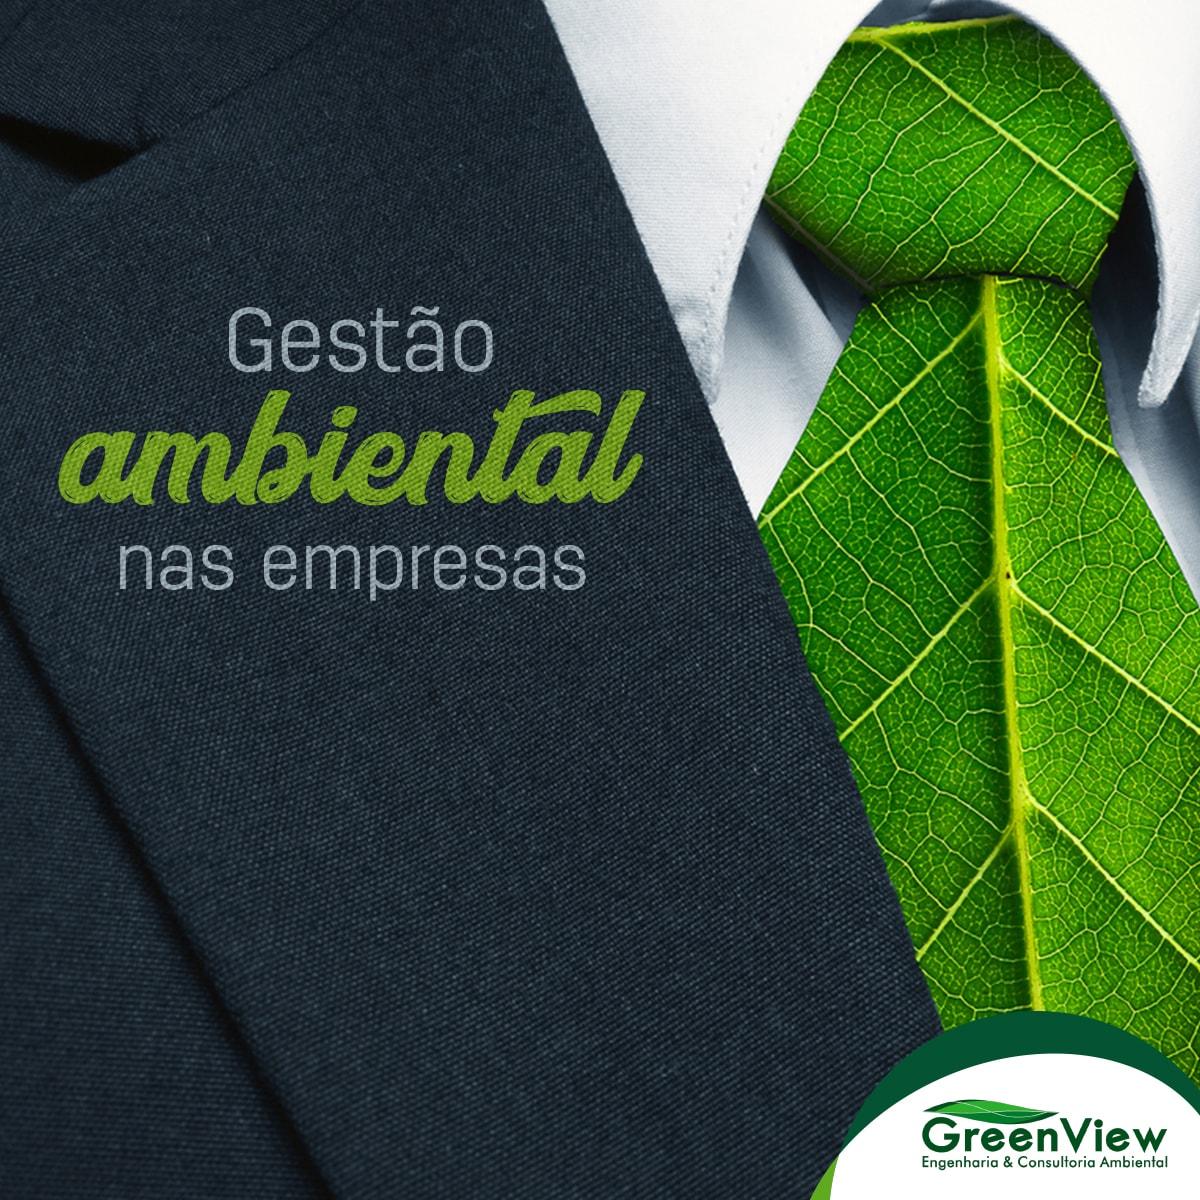 licenciamento ambiental consultoria especializada greenview